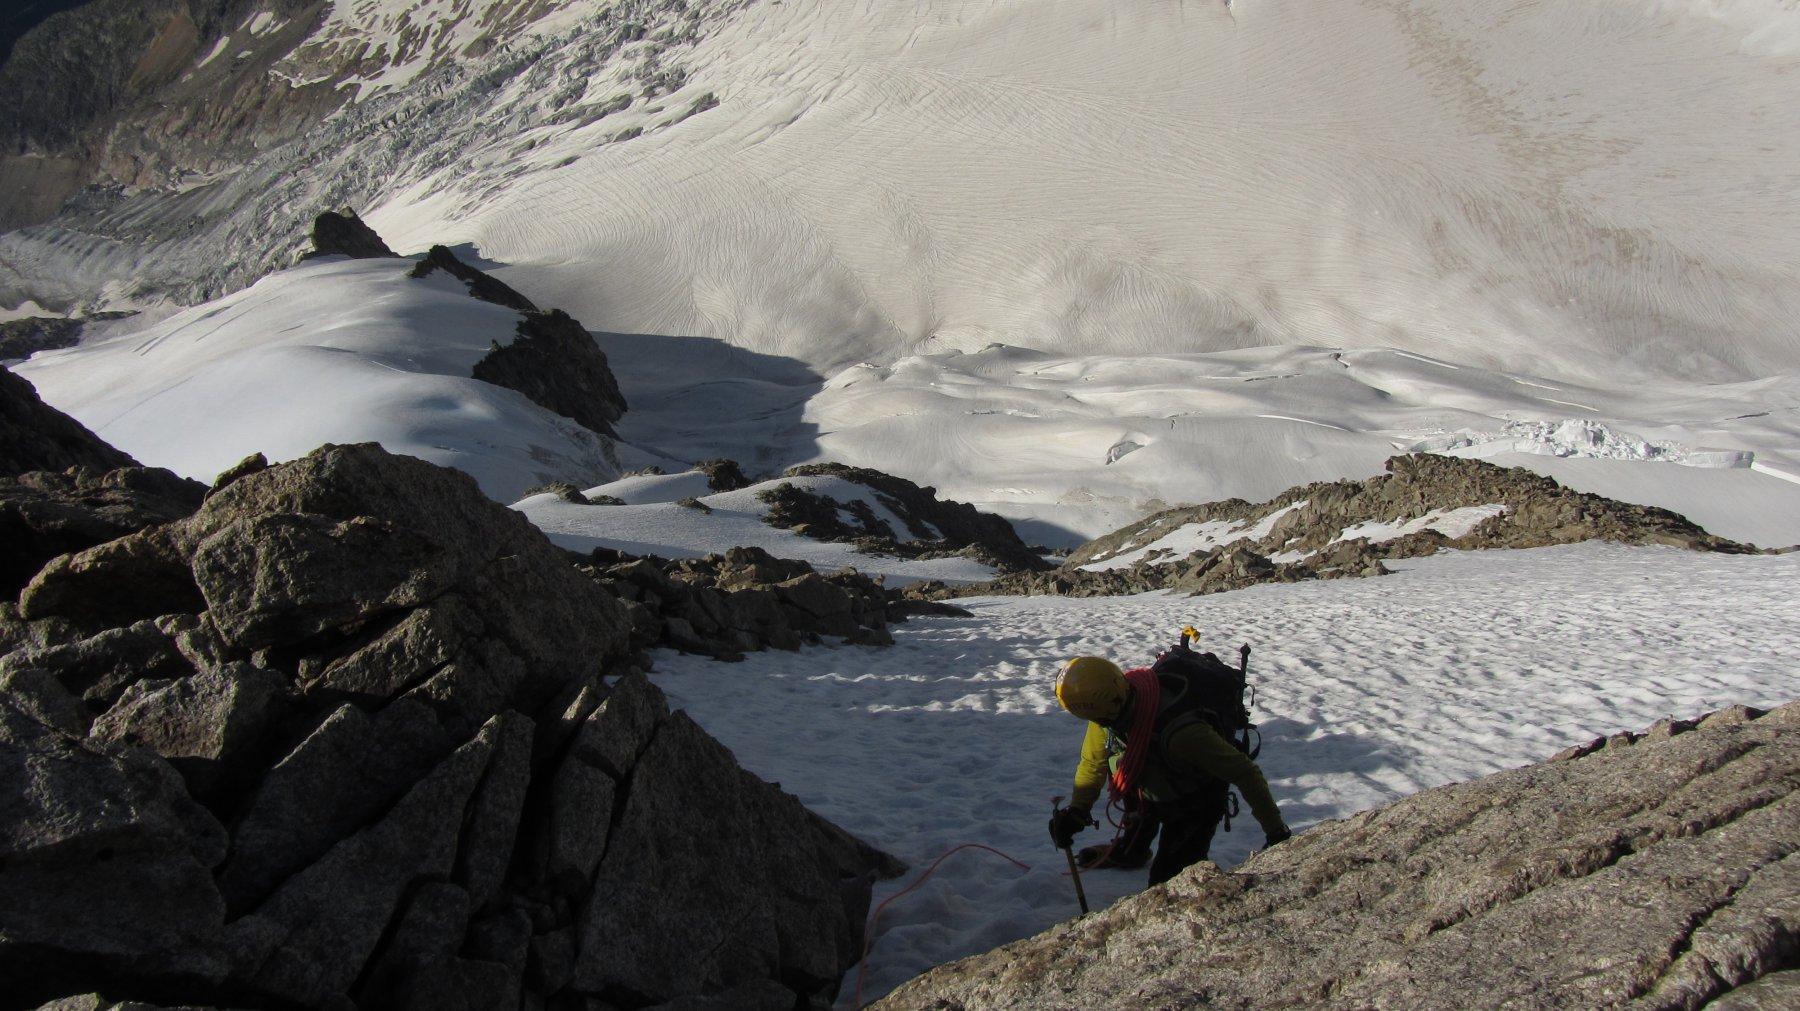 Il ripido pendio che conduce a pochi metri di cresta dalla madonnina di vetta